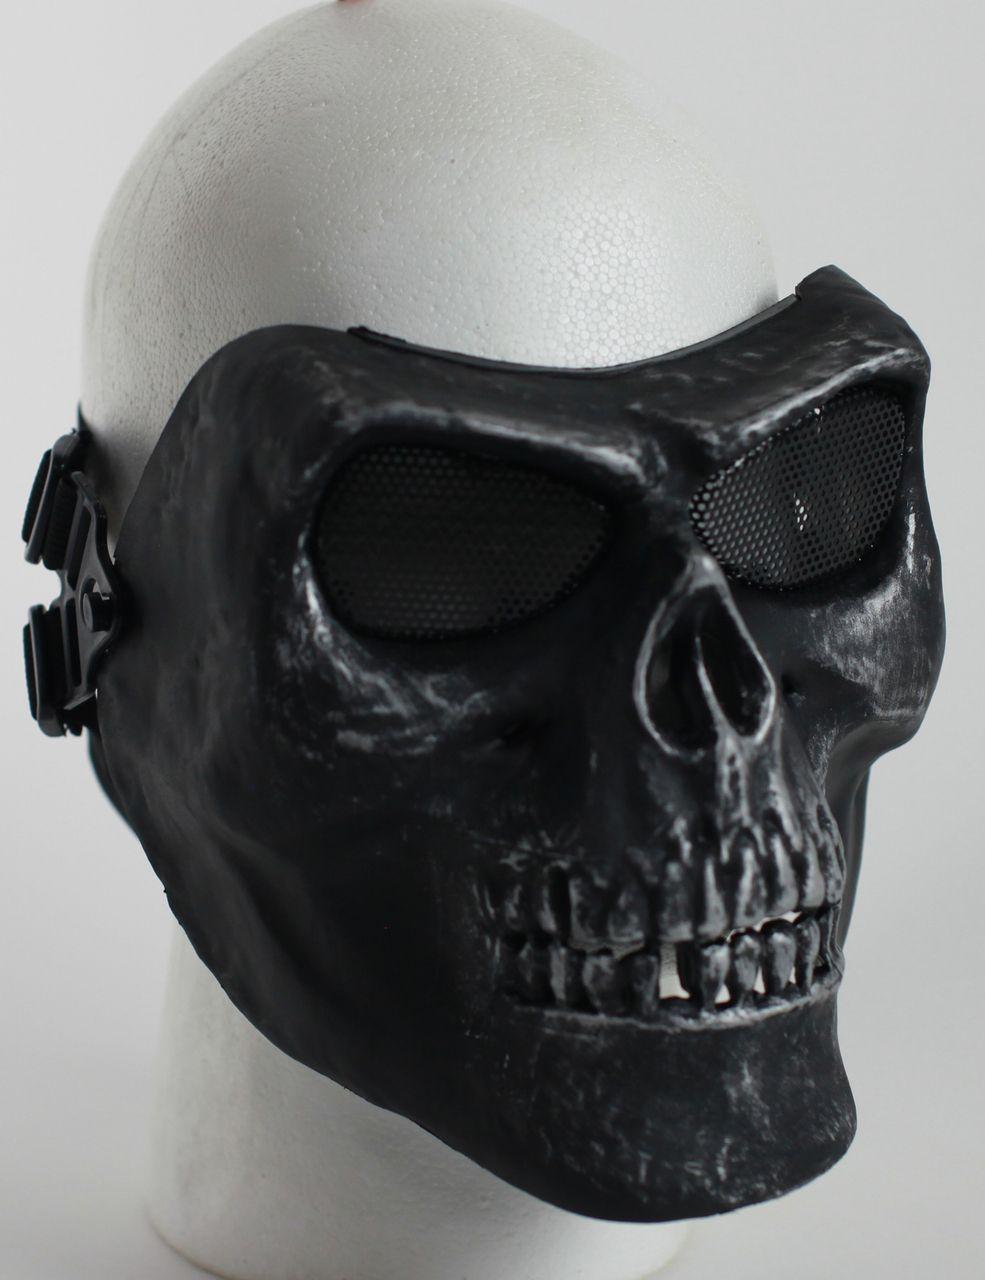 23856dd6 Hard Full Skull Mask. Hard Full Skull Mask Biker Mask, Neoprene Face ...